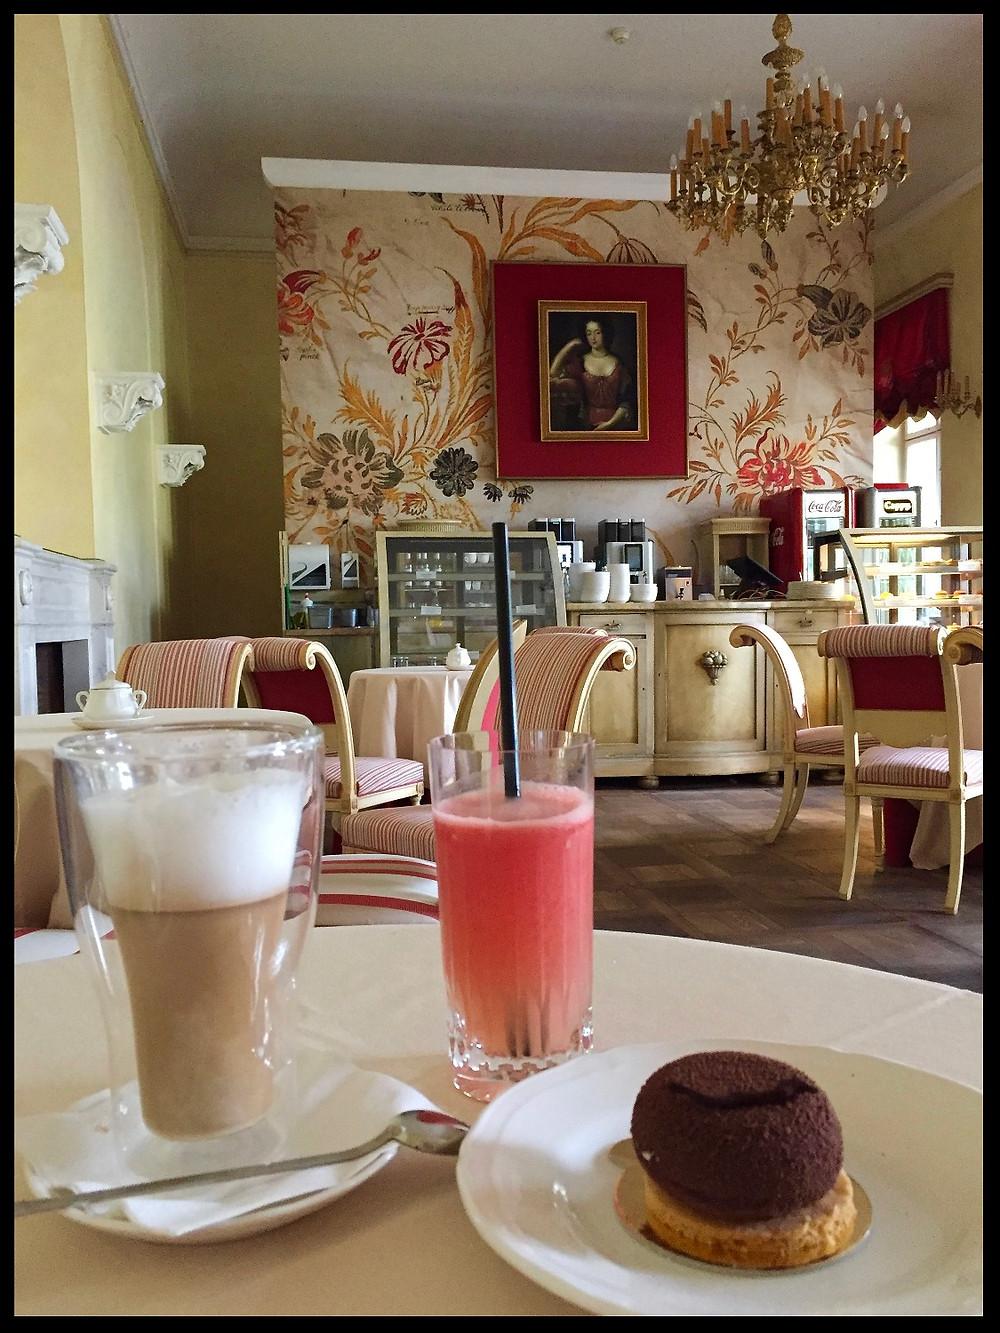 Natural Fruit Juice at King Jan III's Palace of Wilanow Café